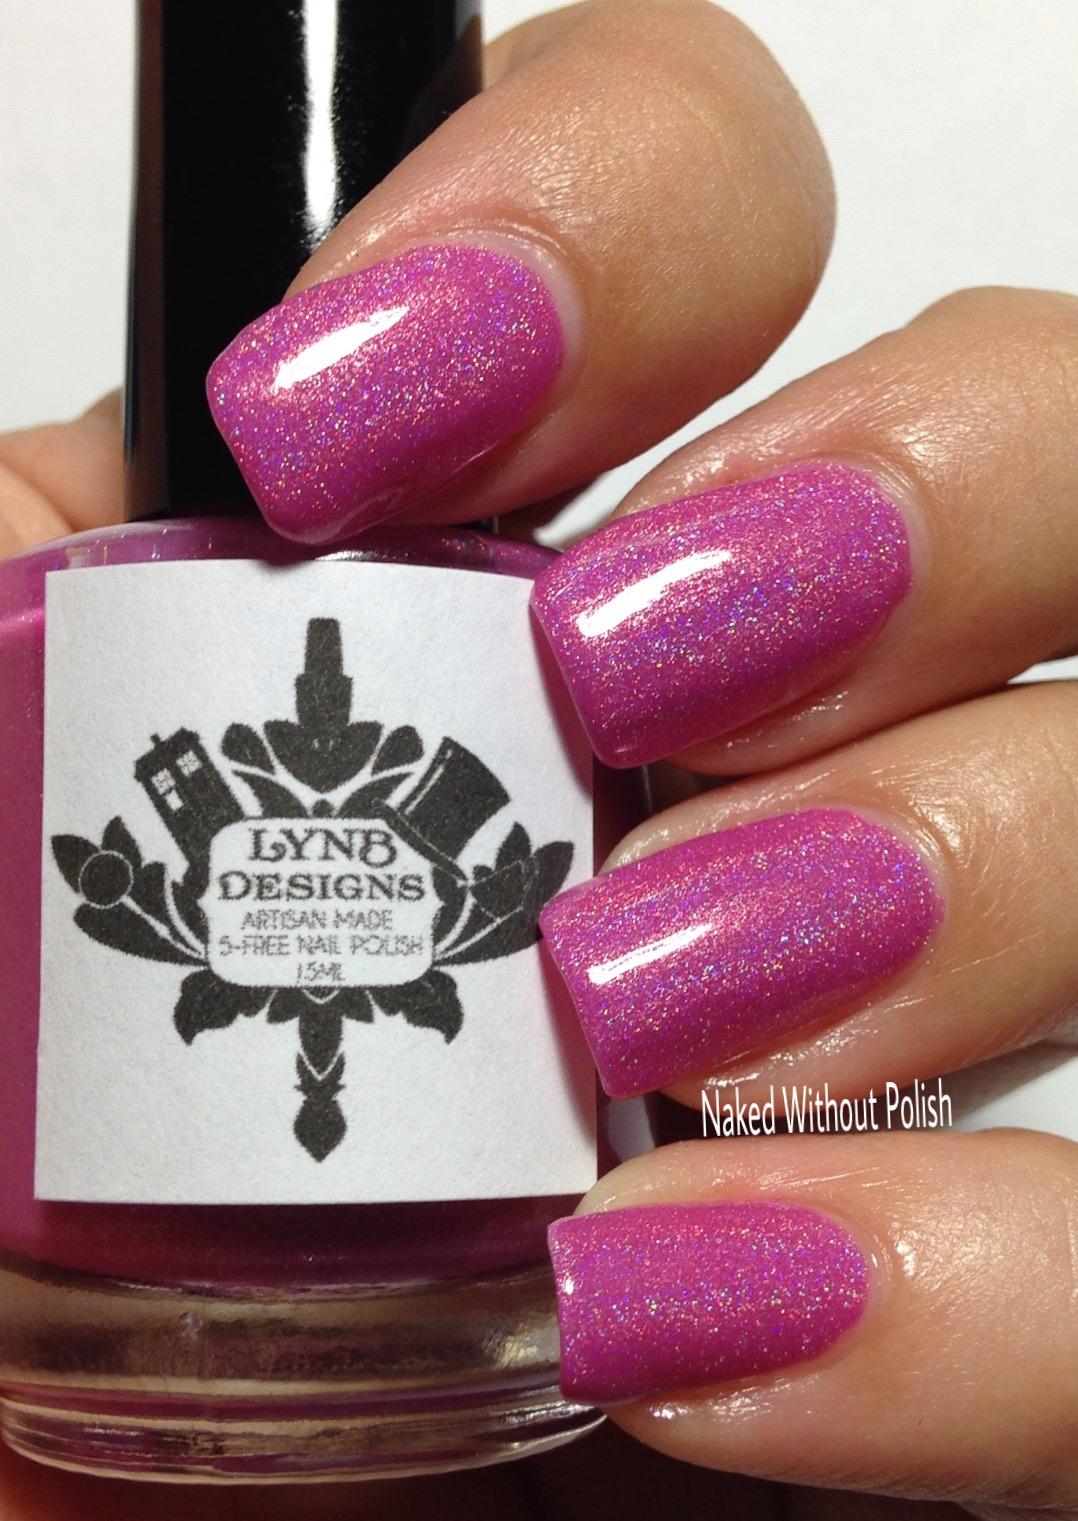 LynBDesigns-The-Fuchsias-So-Bright-I-Gotta-Wear-Shades-11